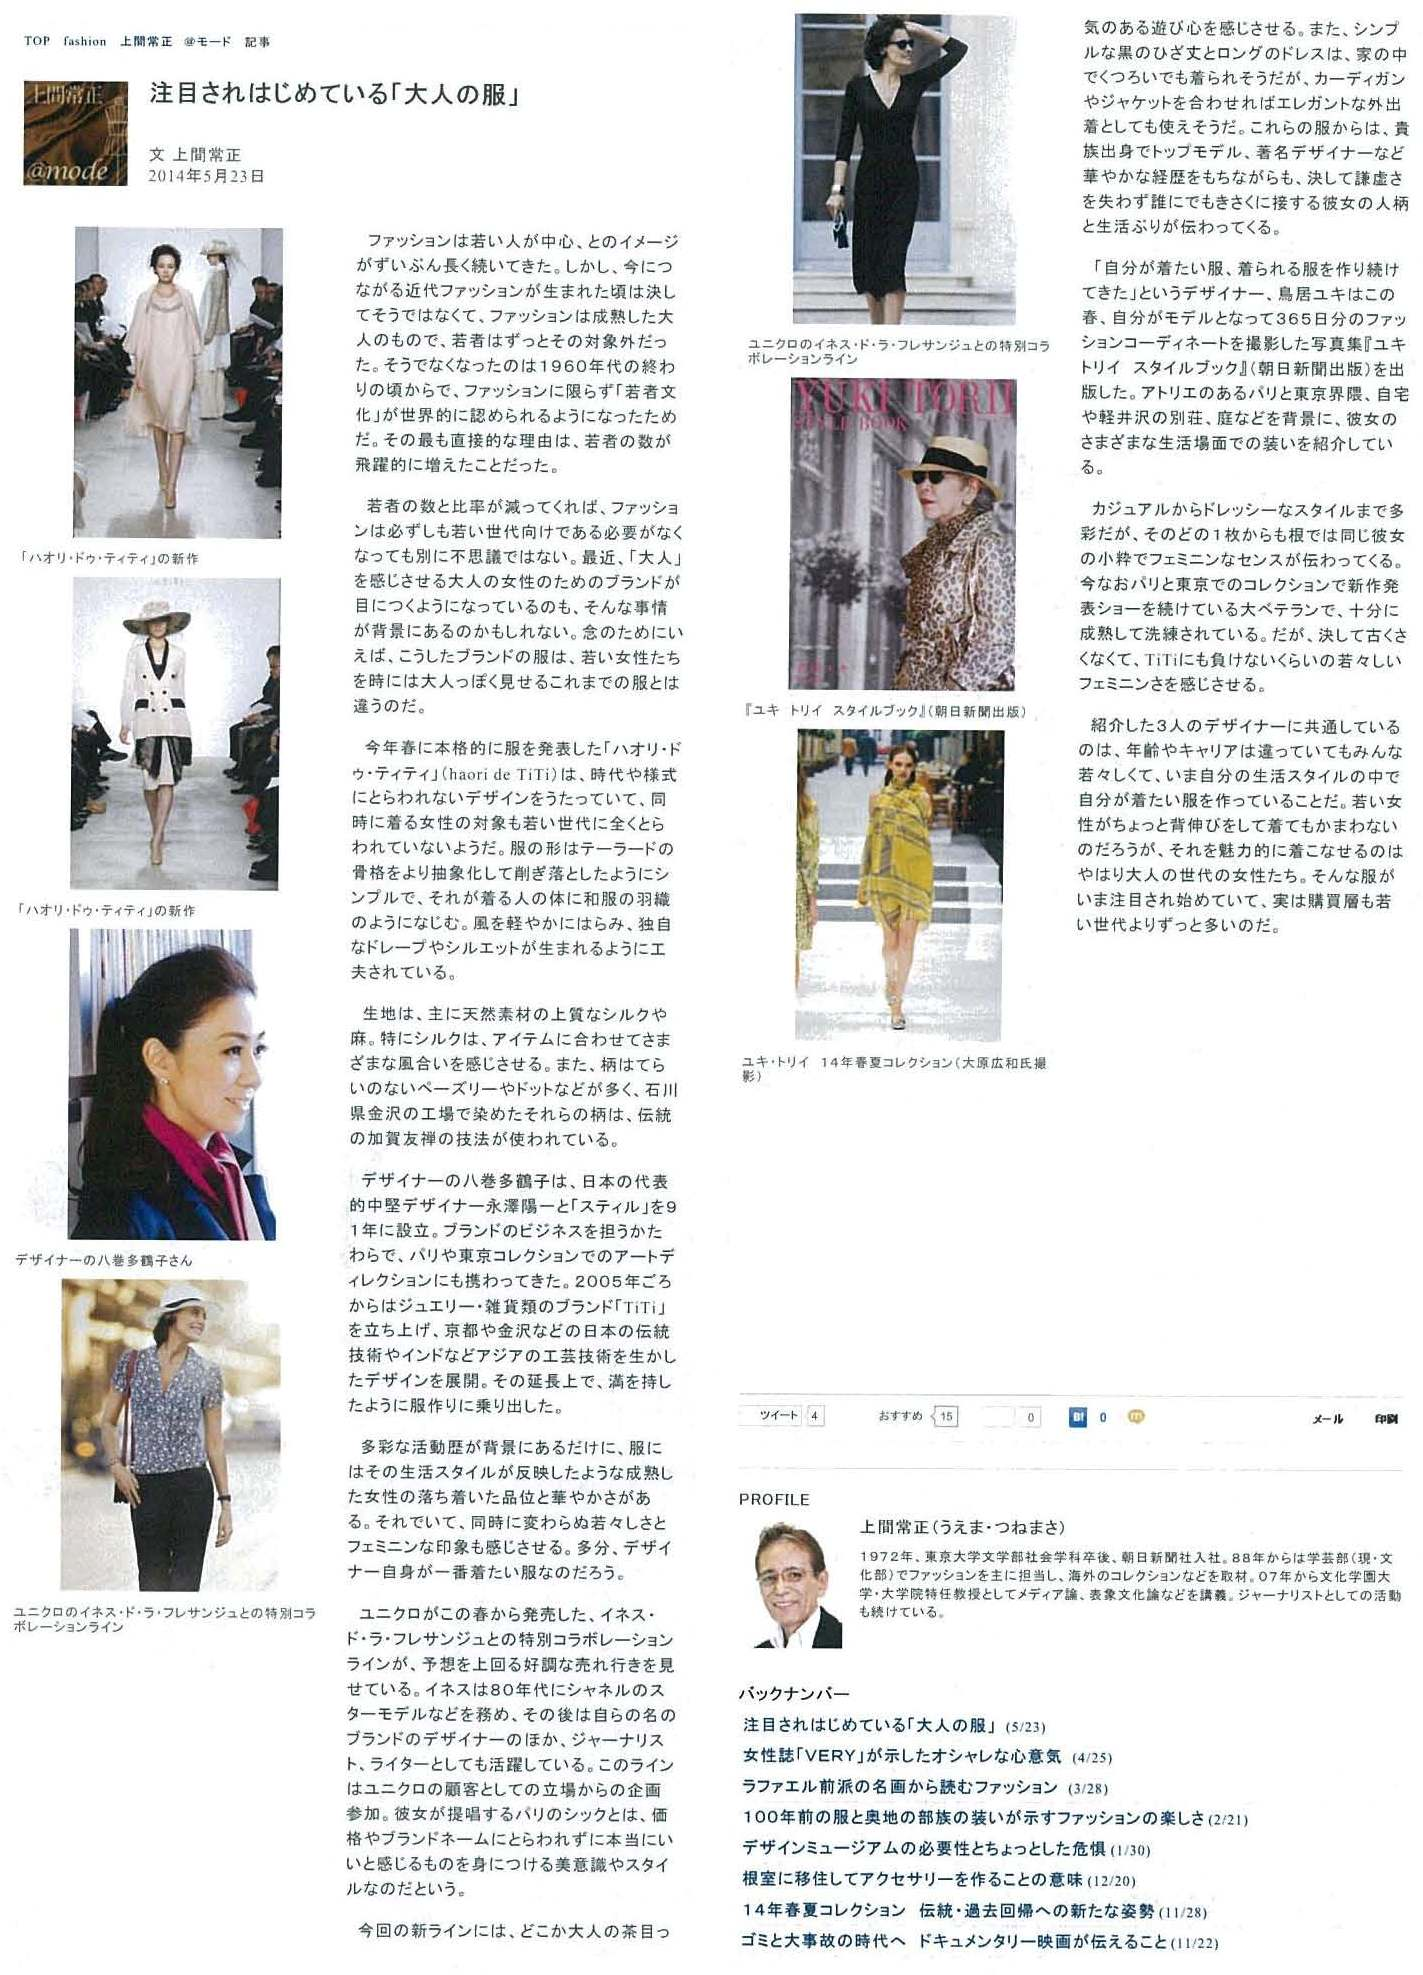 朝日新聞デジタルで「haori de TiTi」〈ハオリ ドゥ ティティ〉をご紹介いただきました。_a0138976_2023614.jpg